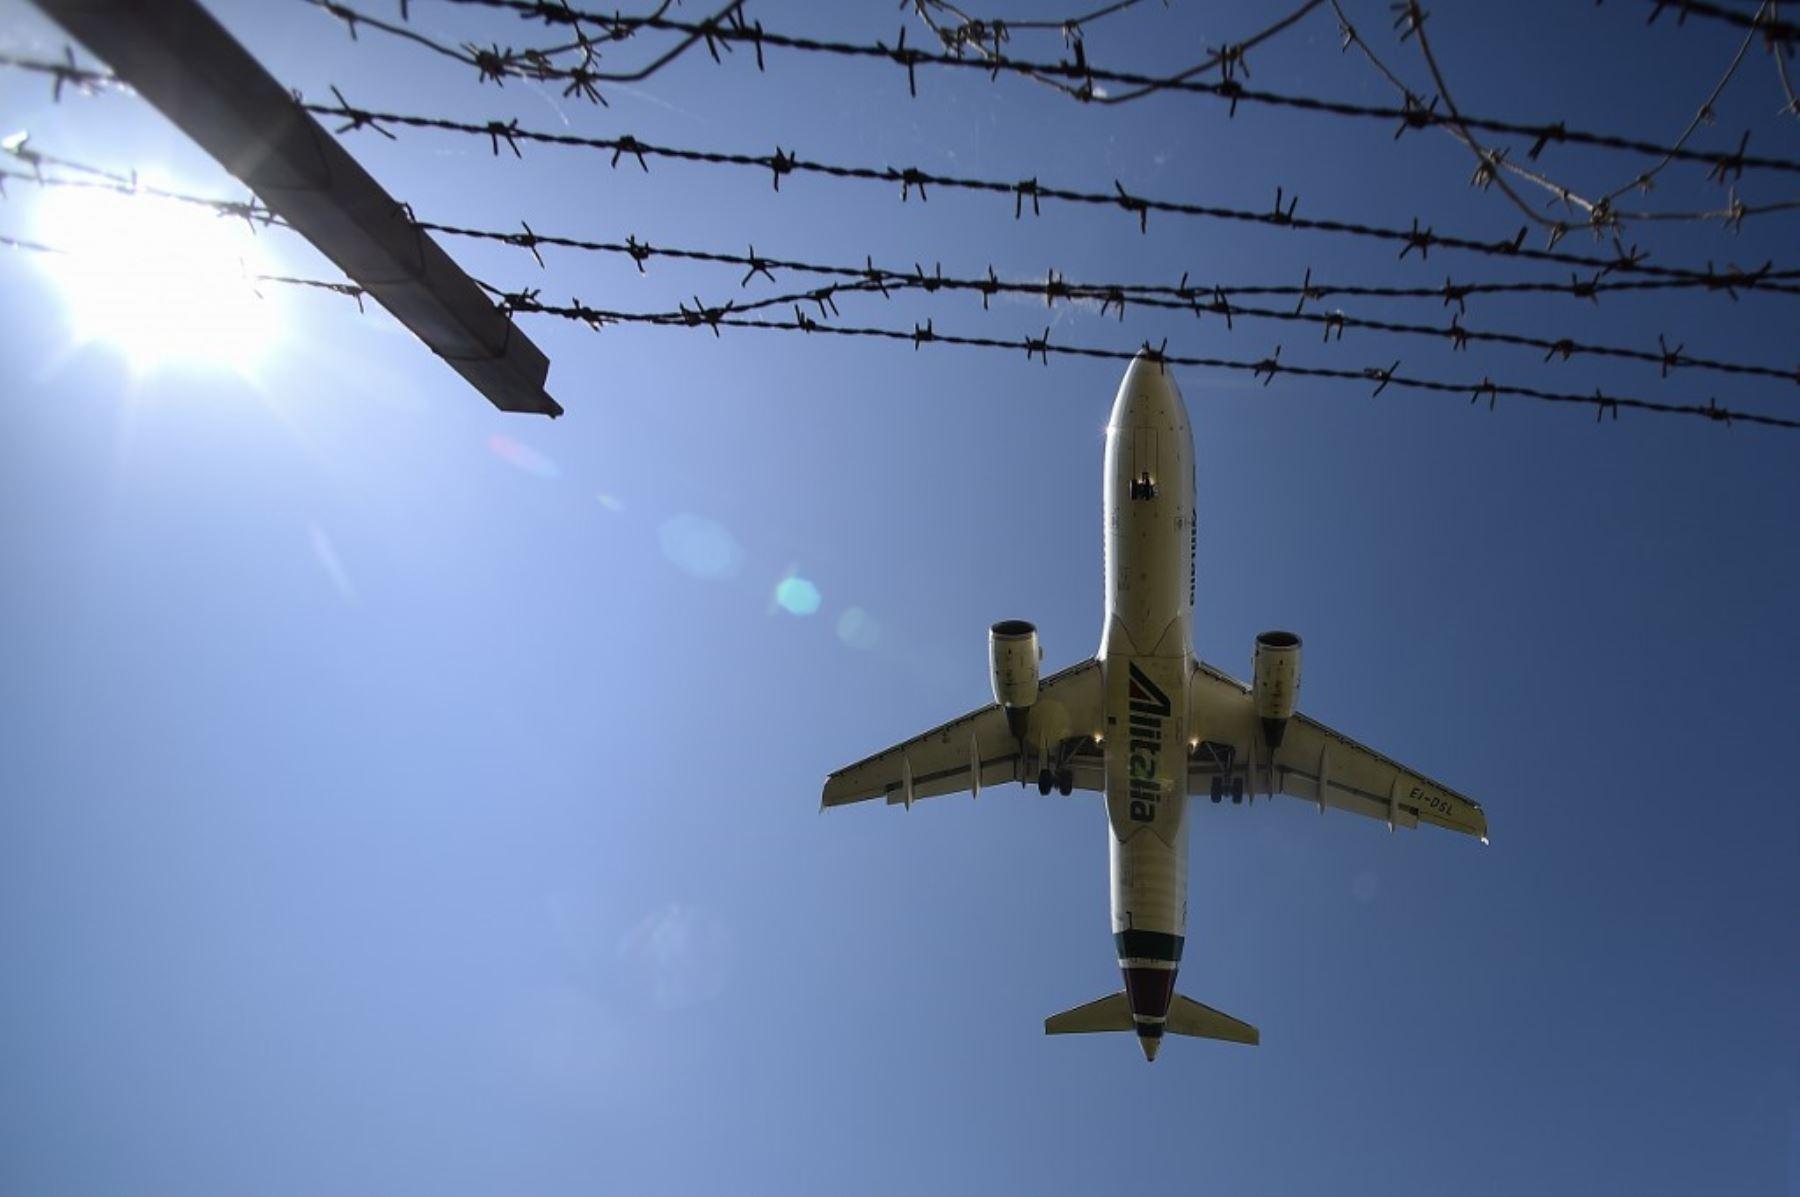 Un avión aterriza en el aeropuerto Fiumicino de Roma el 3 de junio de 2020, a medida que los aeropuertos y las fronteras se vuelven a abrir para que turistas. Foto: AFP